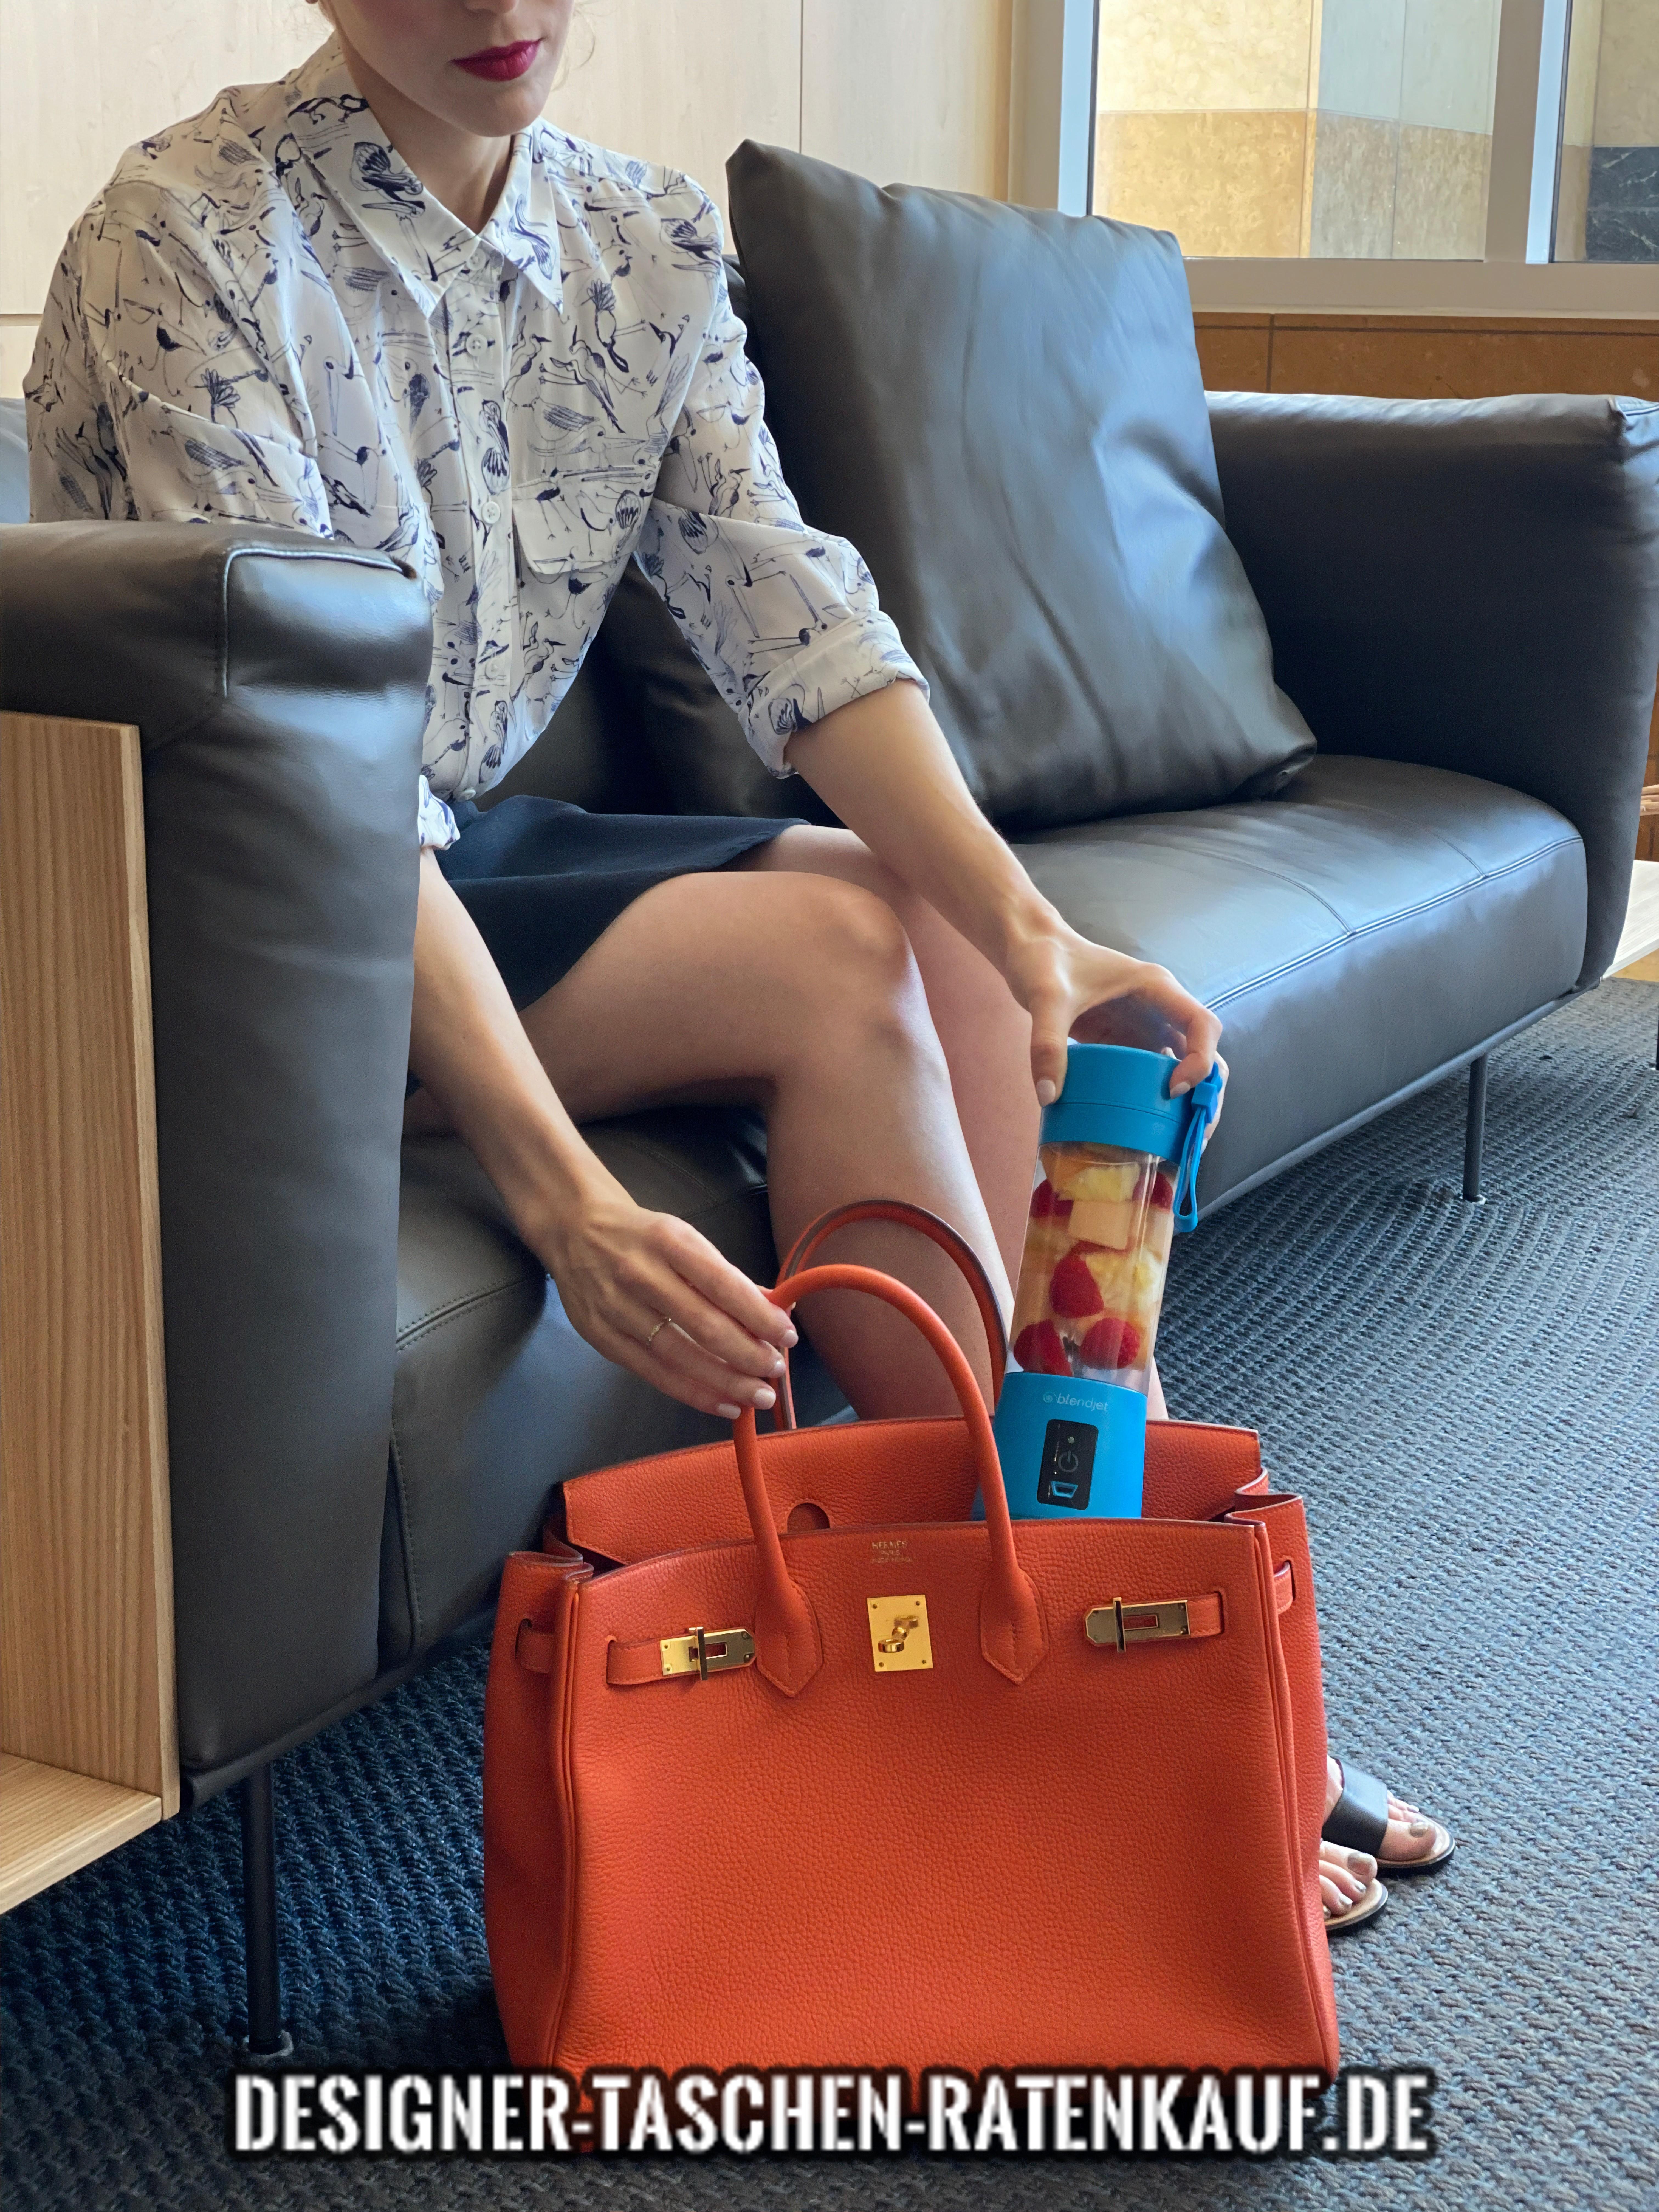 luxus handtaschen ratenkauf